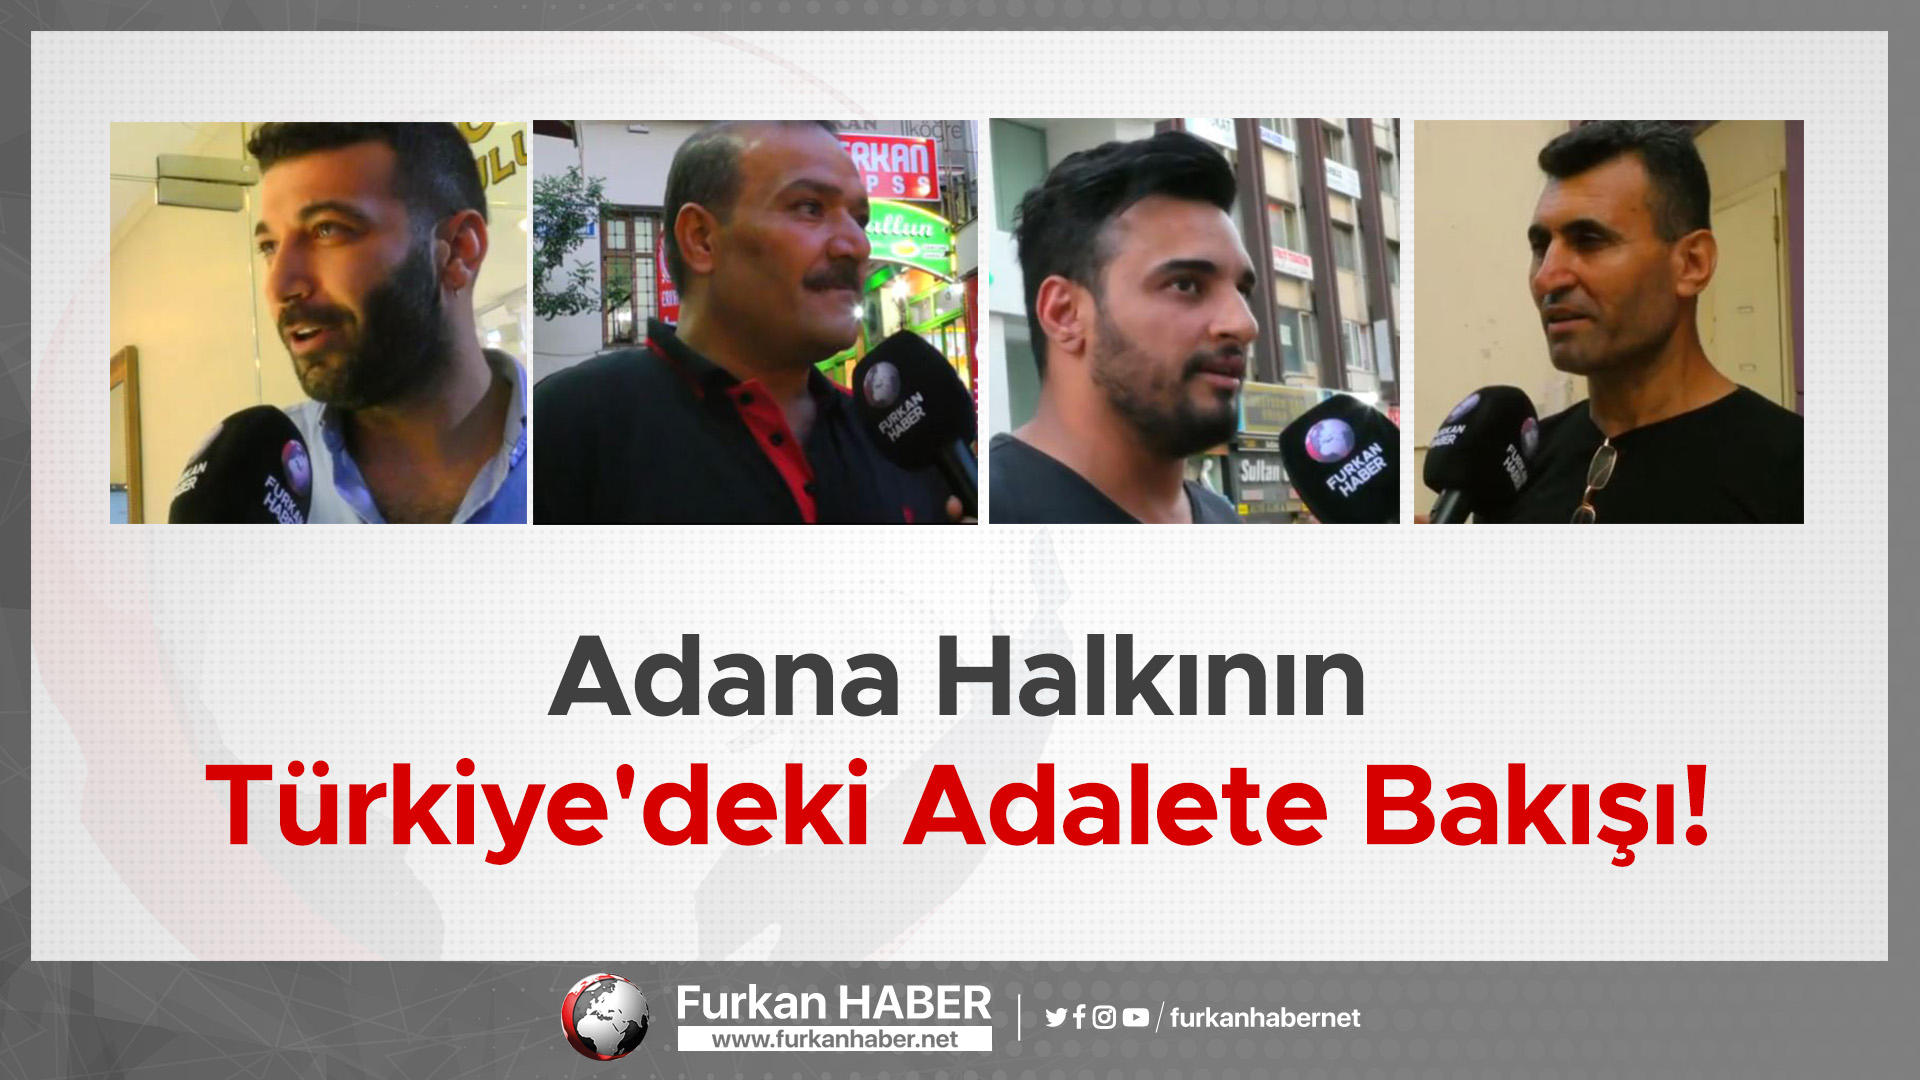 Adana Halkının Türkiye'deki Adalete Bakışı!